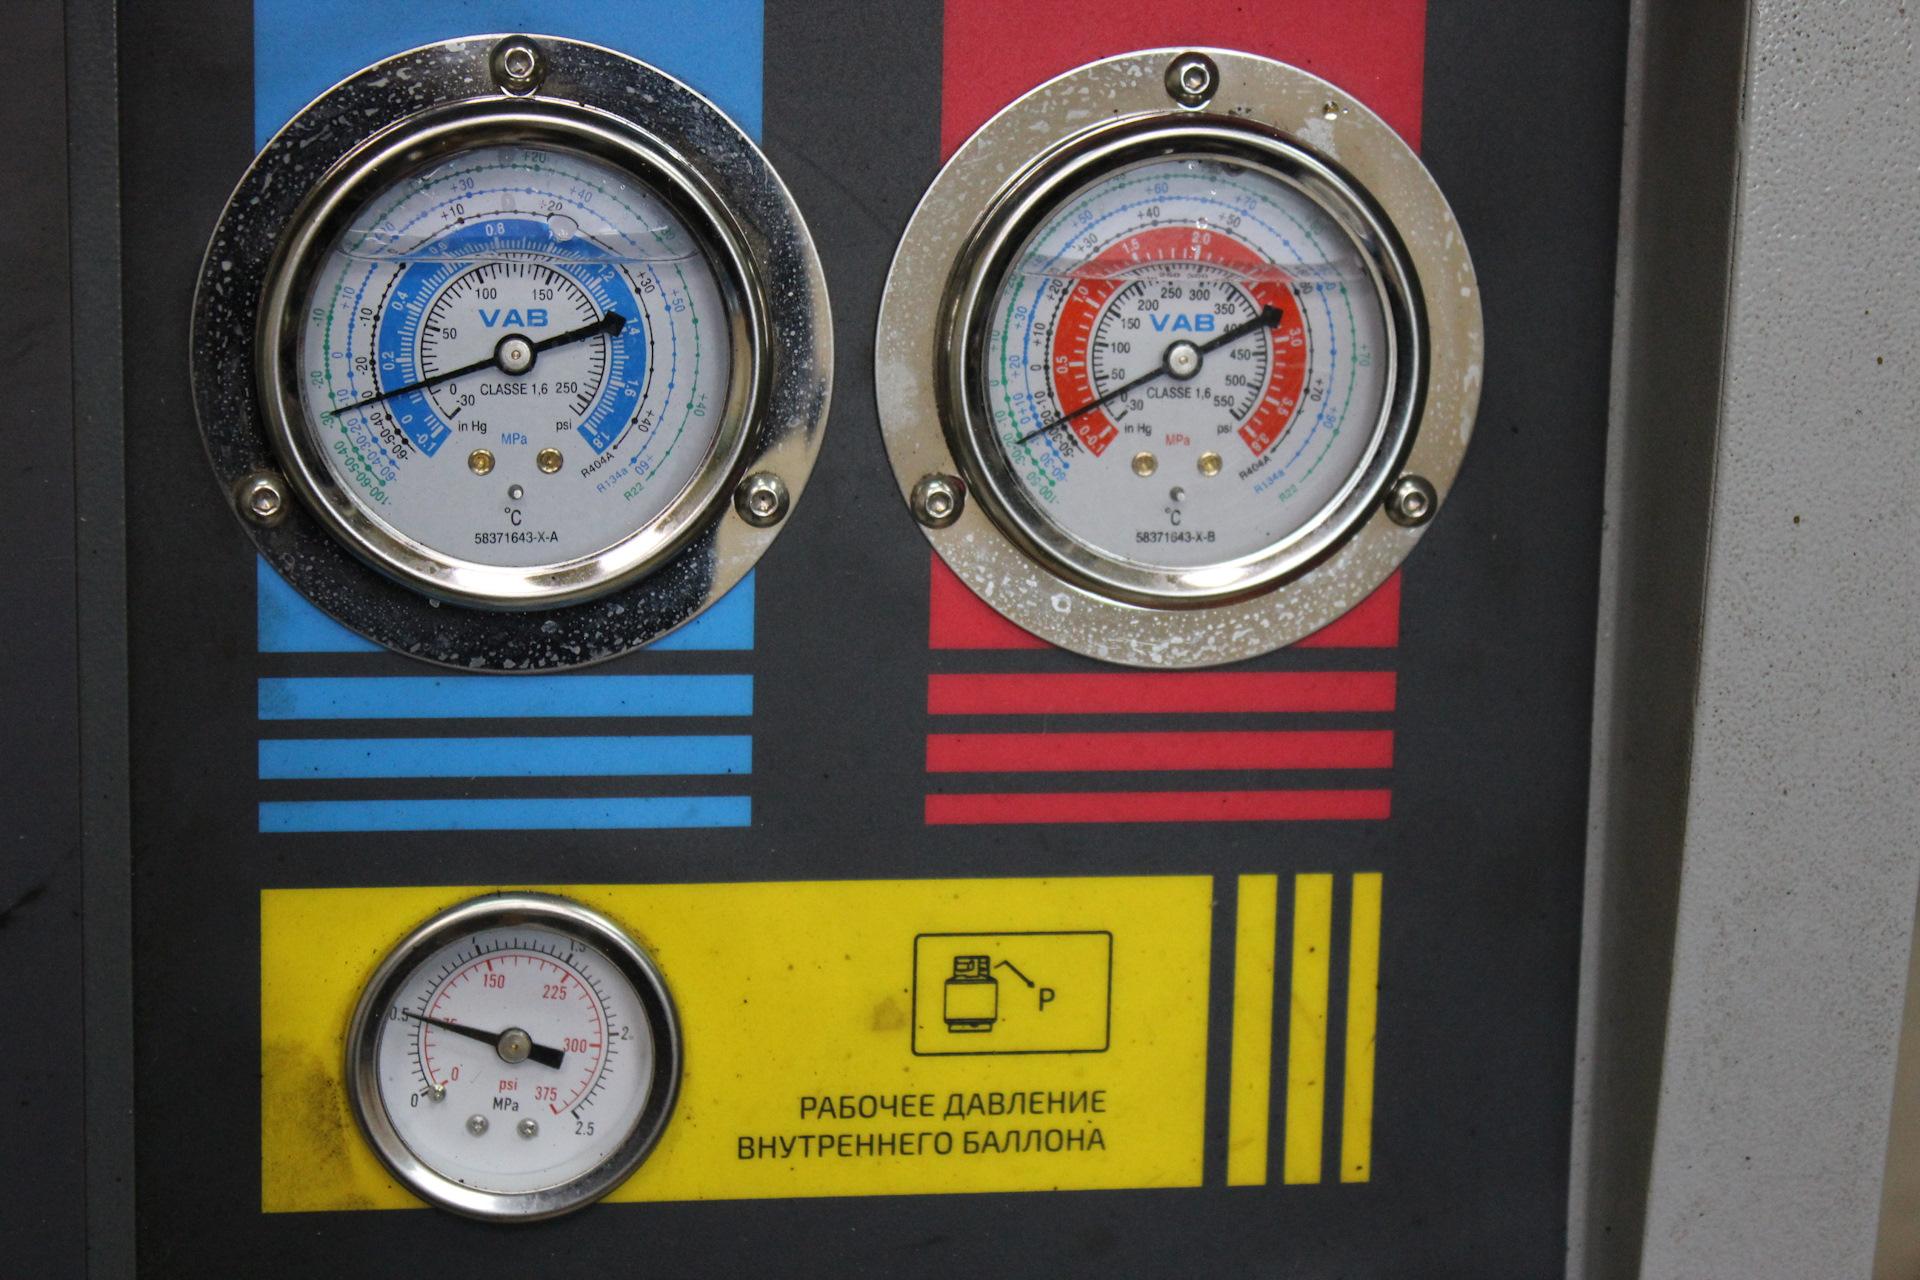 Сливаем антифриз из радиатора